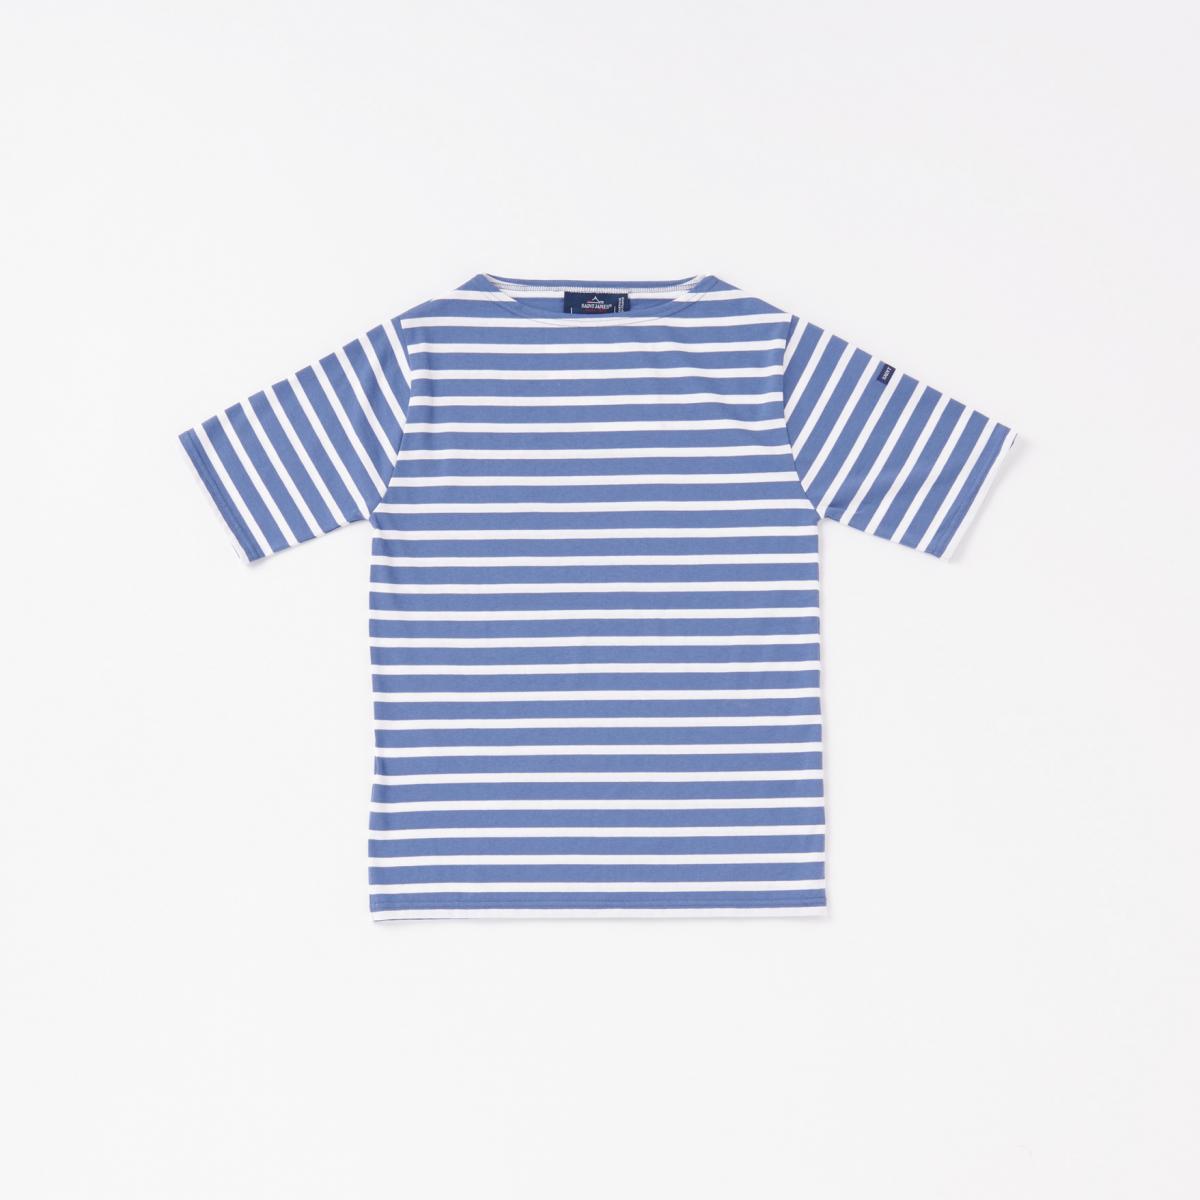 夏を呼び込むマリンなTシャツ【セント ジェームス】